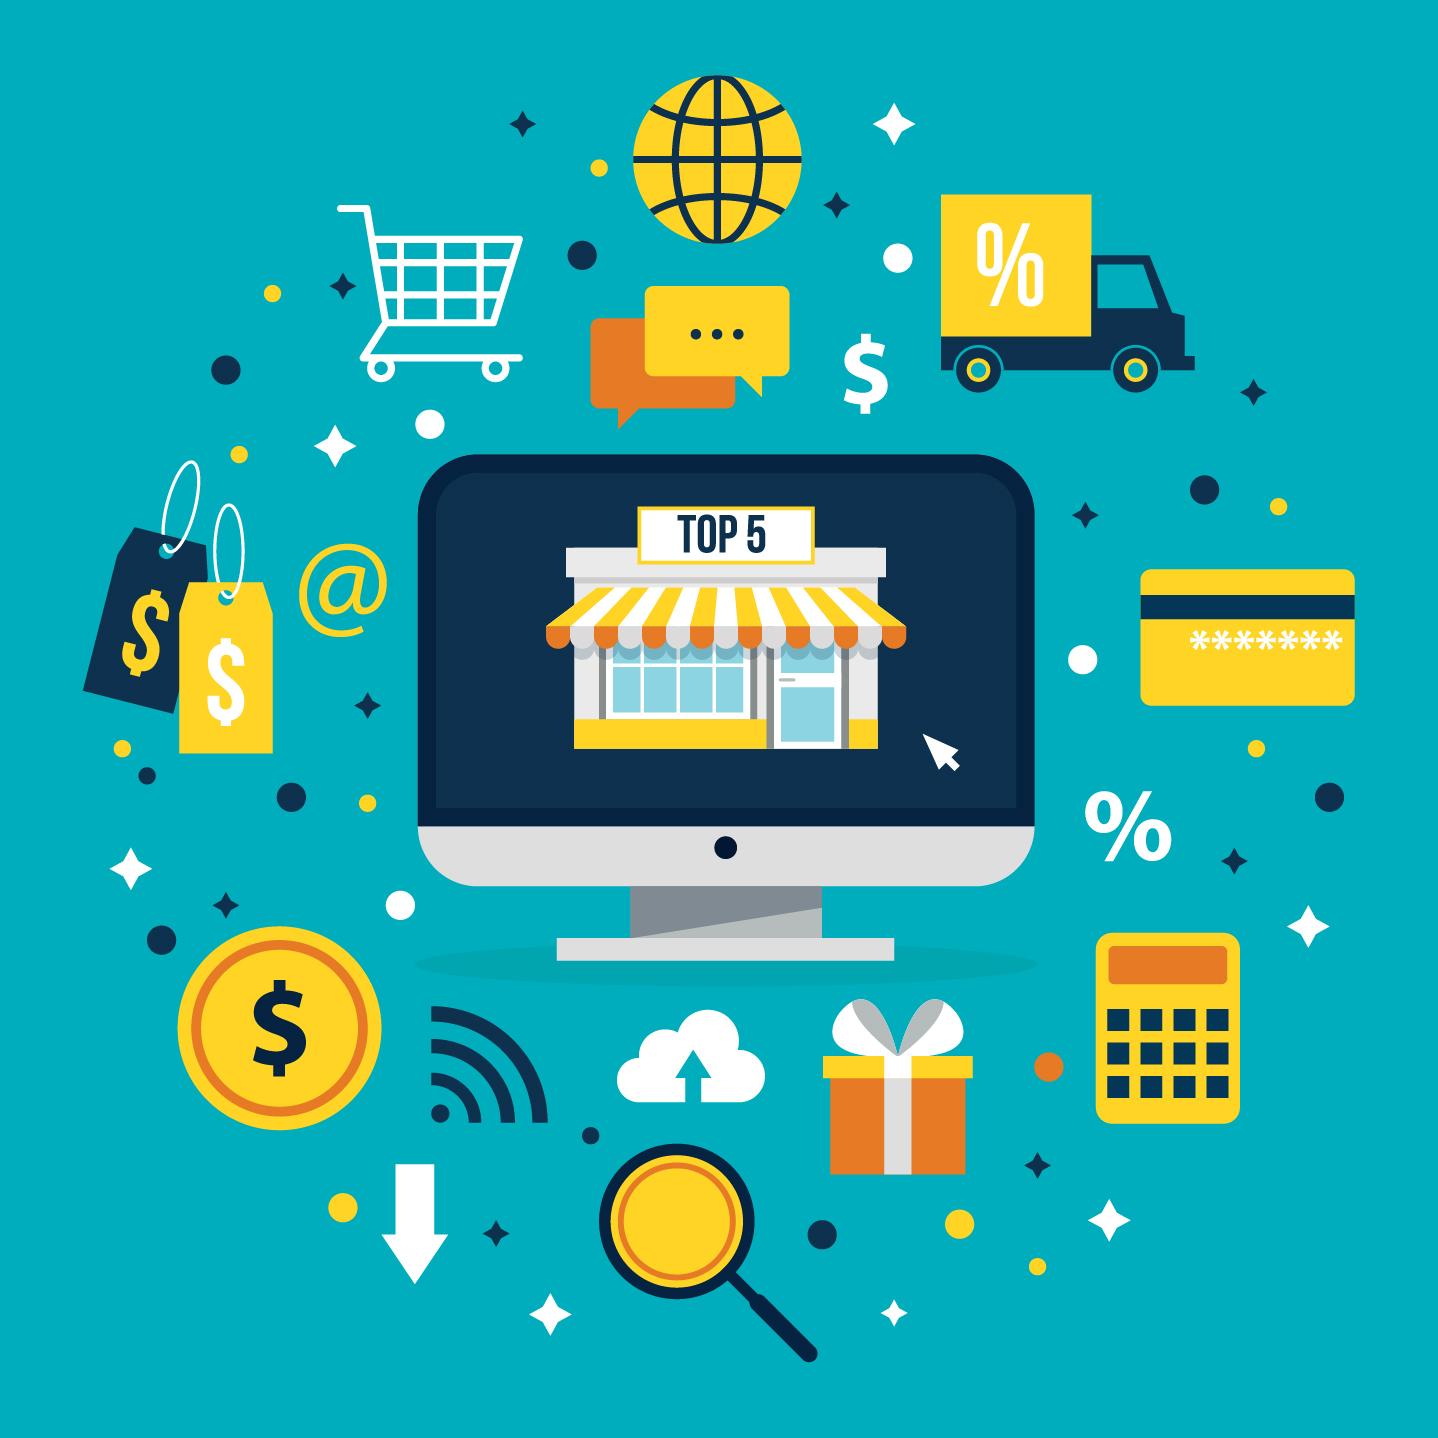 أفضل منصة للتجارة الإلكترونية لبيع المنتجات الرقمية